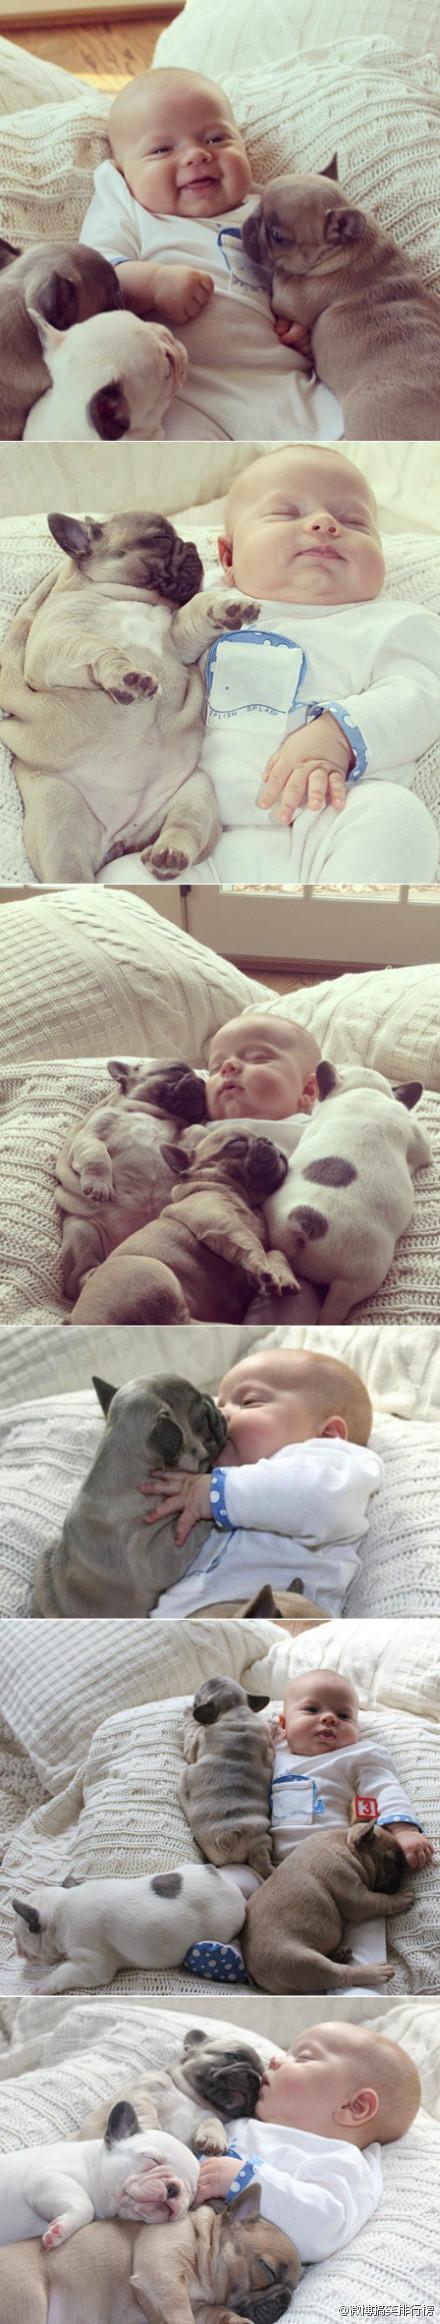 美国宾州一名女子将侄子和法国斗牛犬的合照上传到网络上,小宝宝和小狗的可爱萌样让许多人直呼受不了。